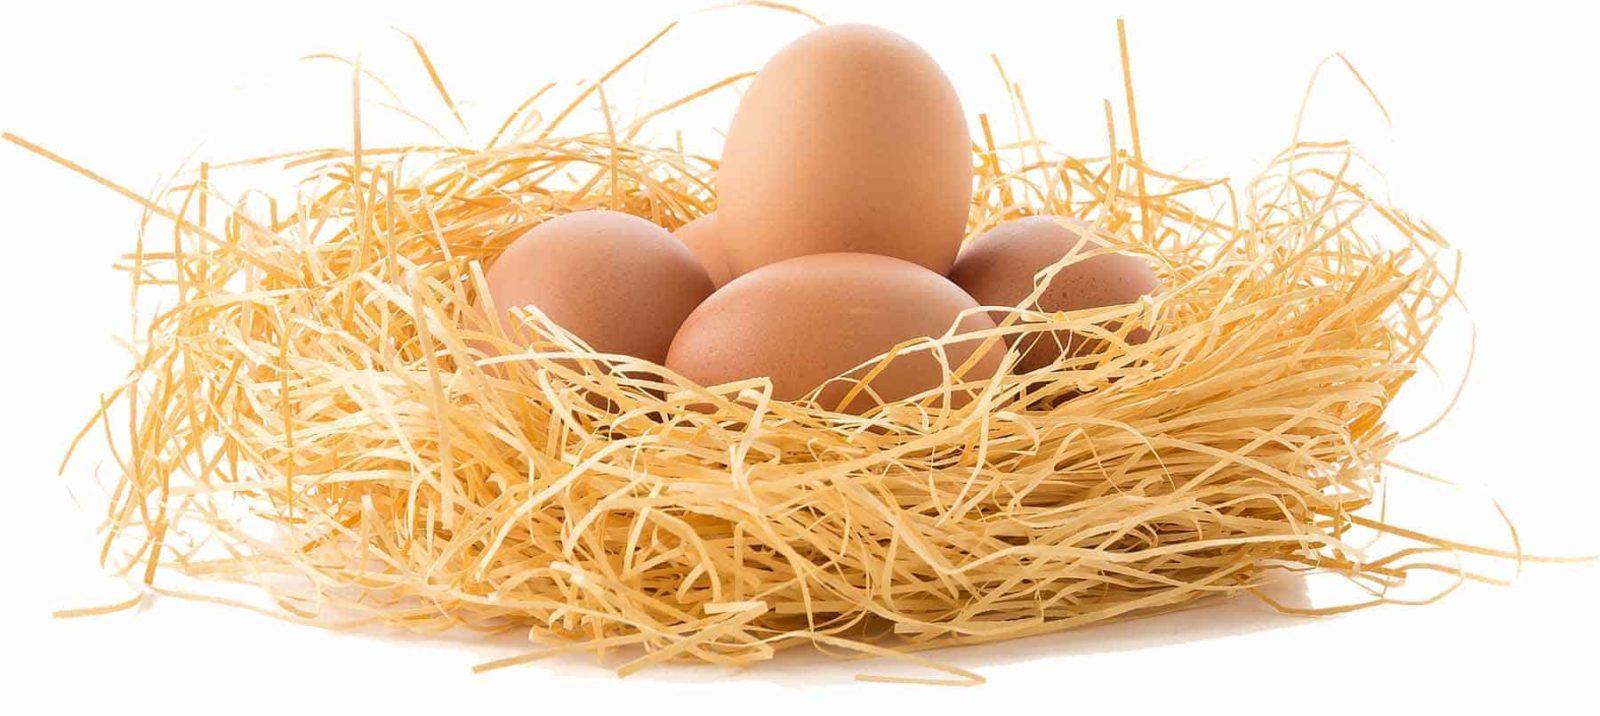 Eier sind gesund!-Titel-BellsWelt